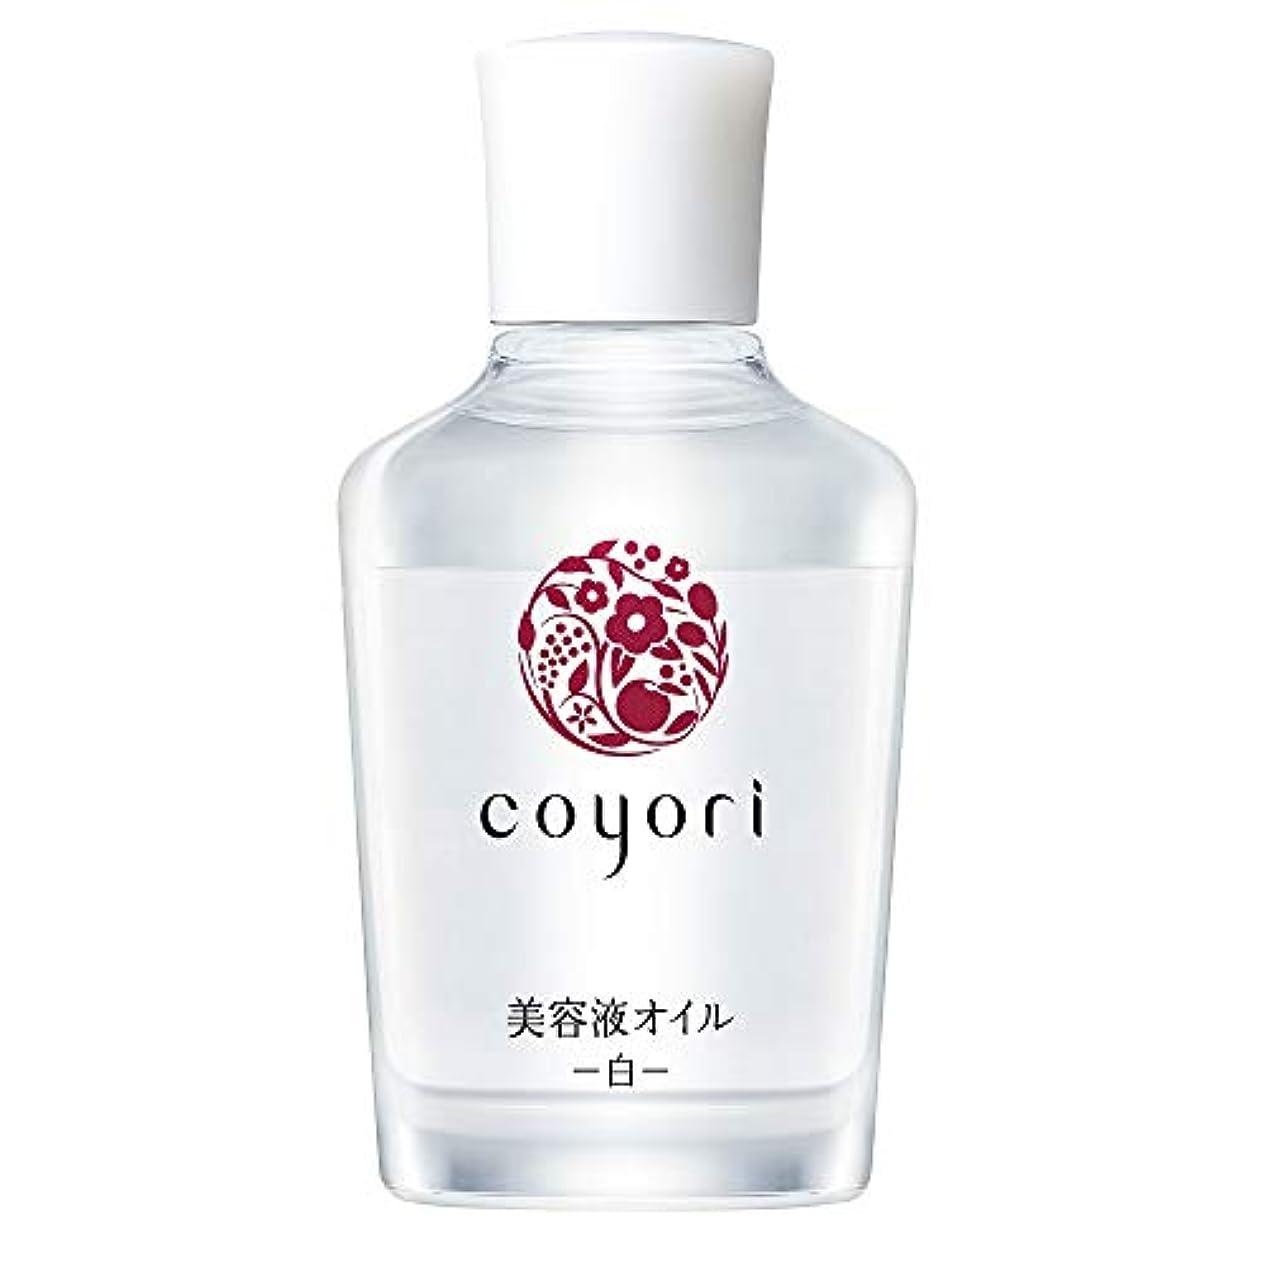 囲い短命り[公式] コヨリ 美容液オイル-白- 40mL 大容量 無添加[高機能 自然派 エイジングケア 乾燥肌 敏感肌 くすみ 乾燥 小じわ 対策用 もっちり ハリ ツヤ フェイスオイル ]